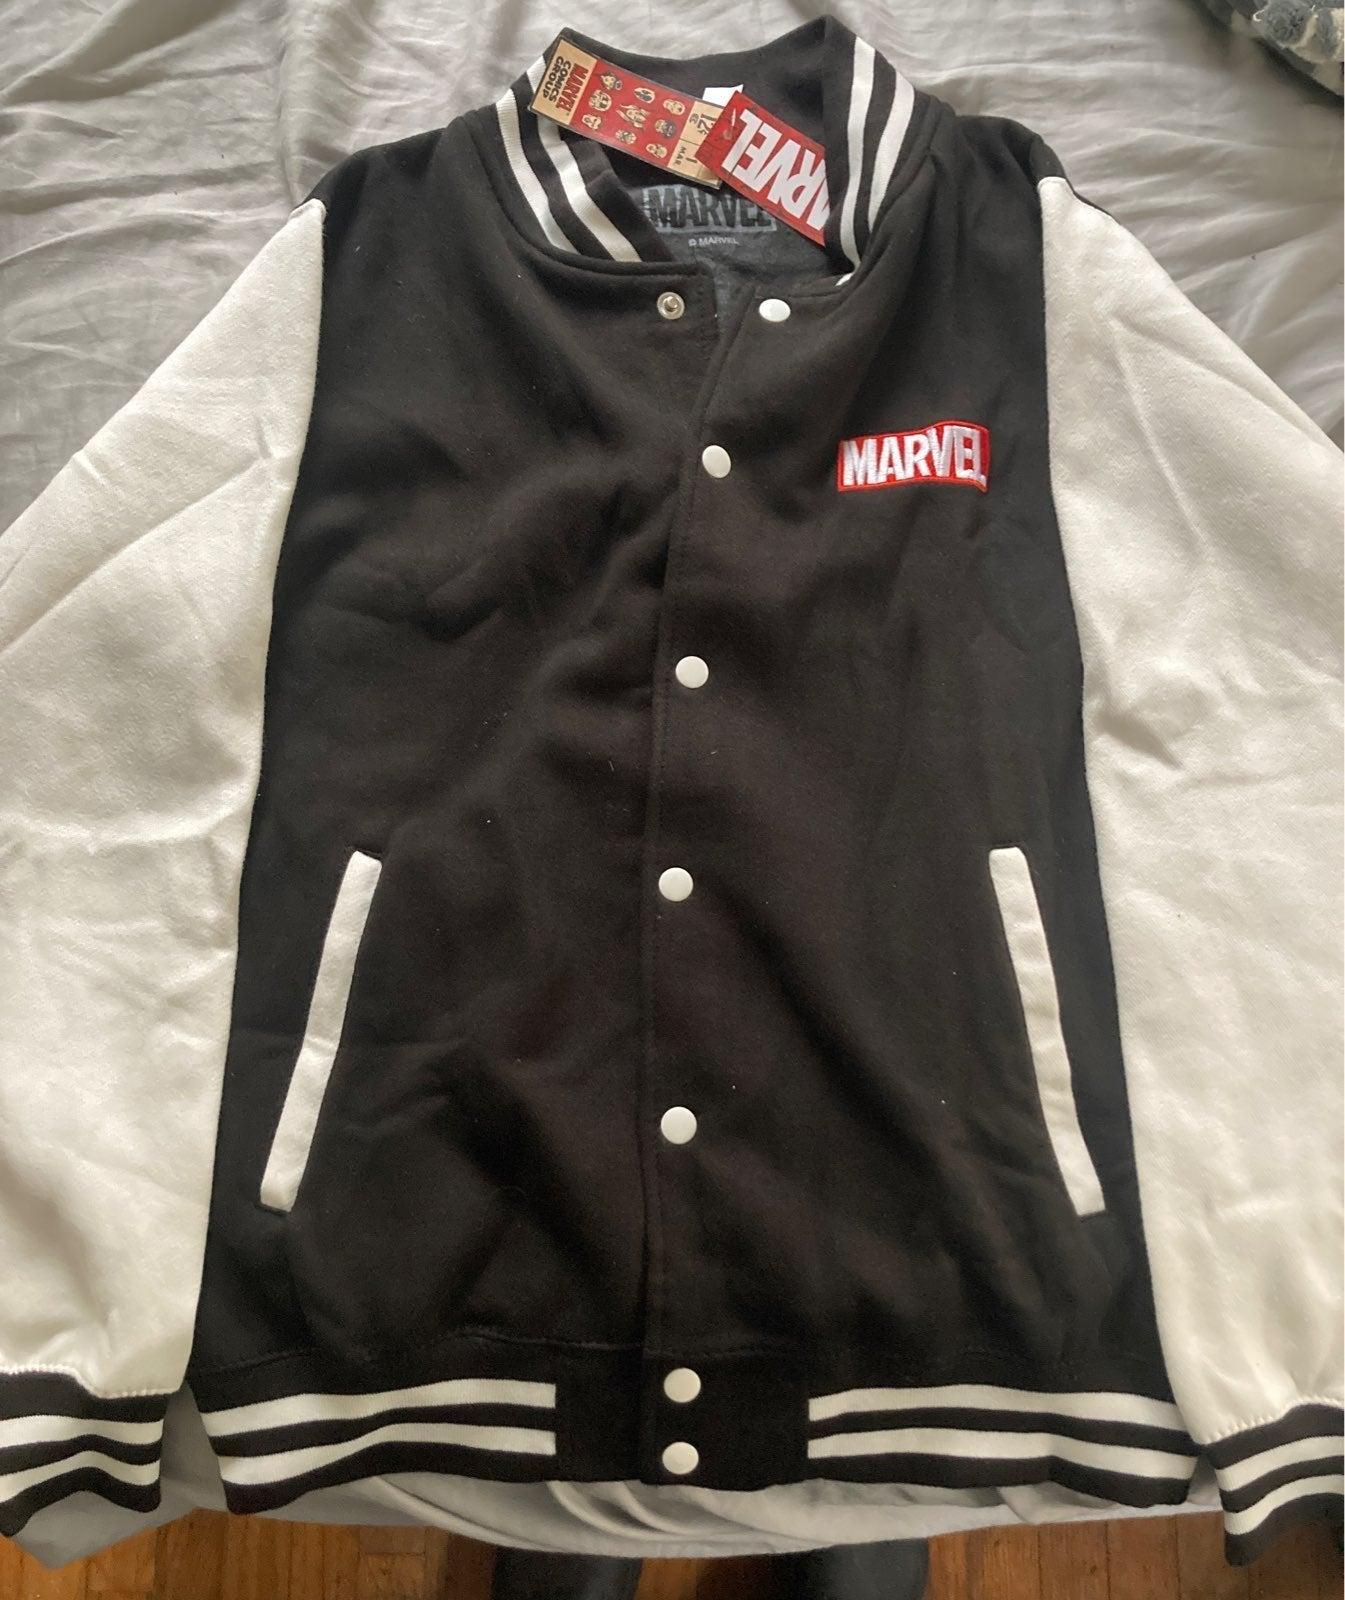 Marvel Black/White Varsity Jacket Medium